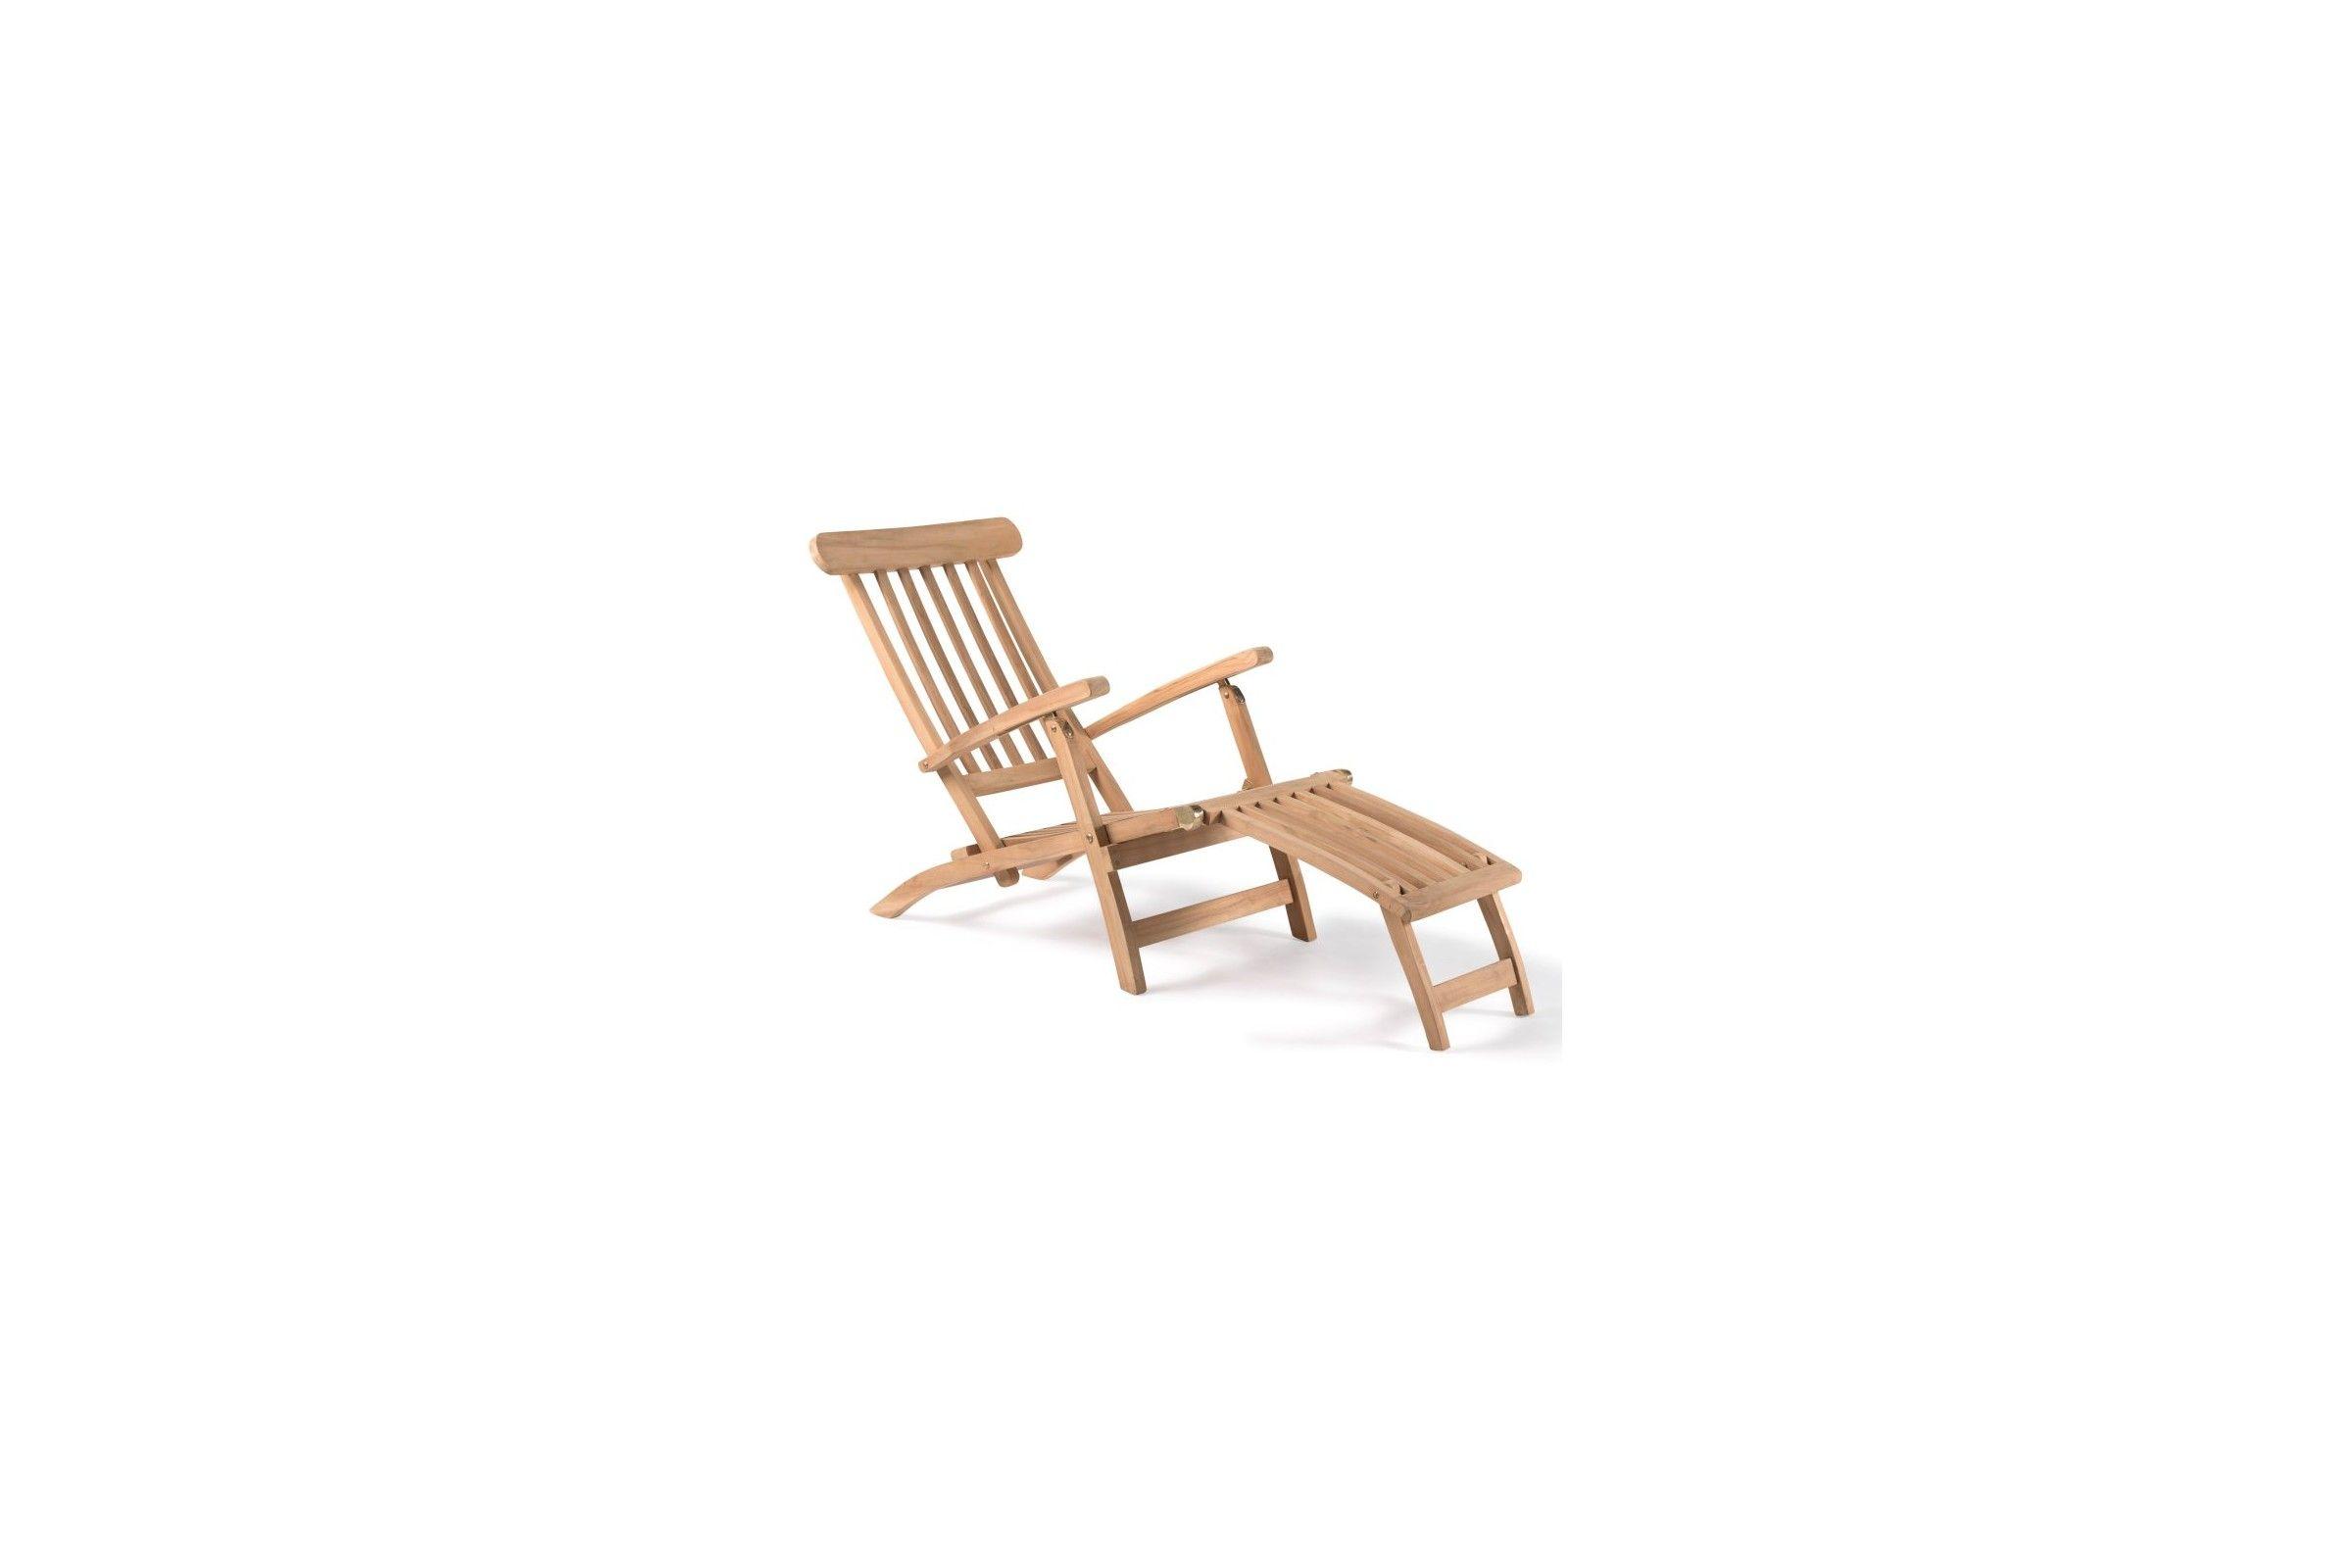 chaise longue en teck trendy chaise longue en teck. Black Bedroom Furniture Sets. Home Design Ideas